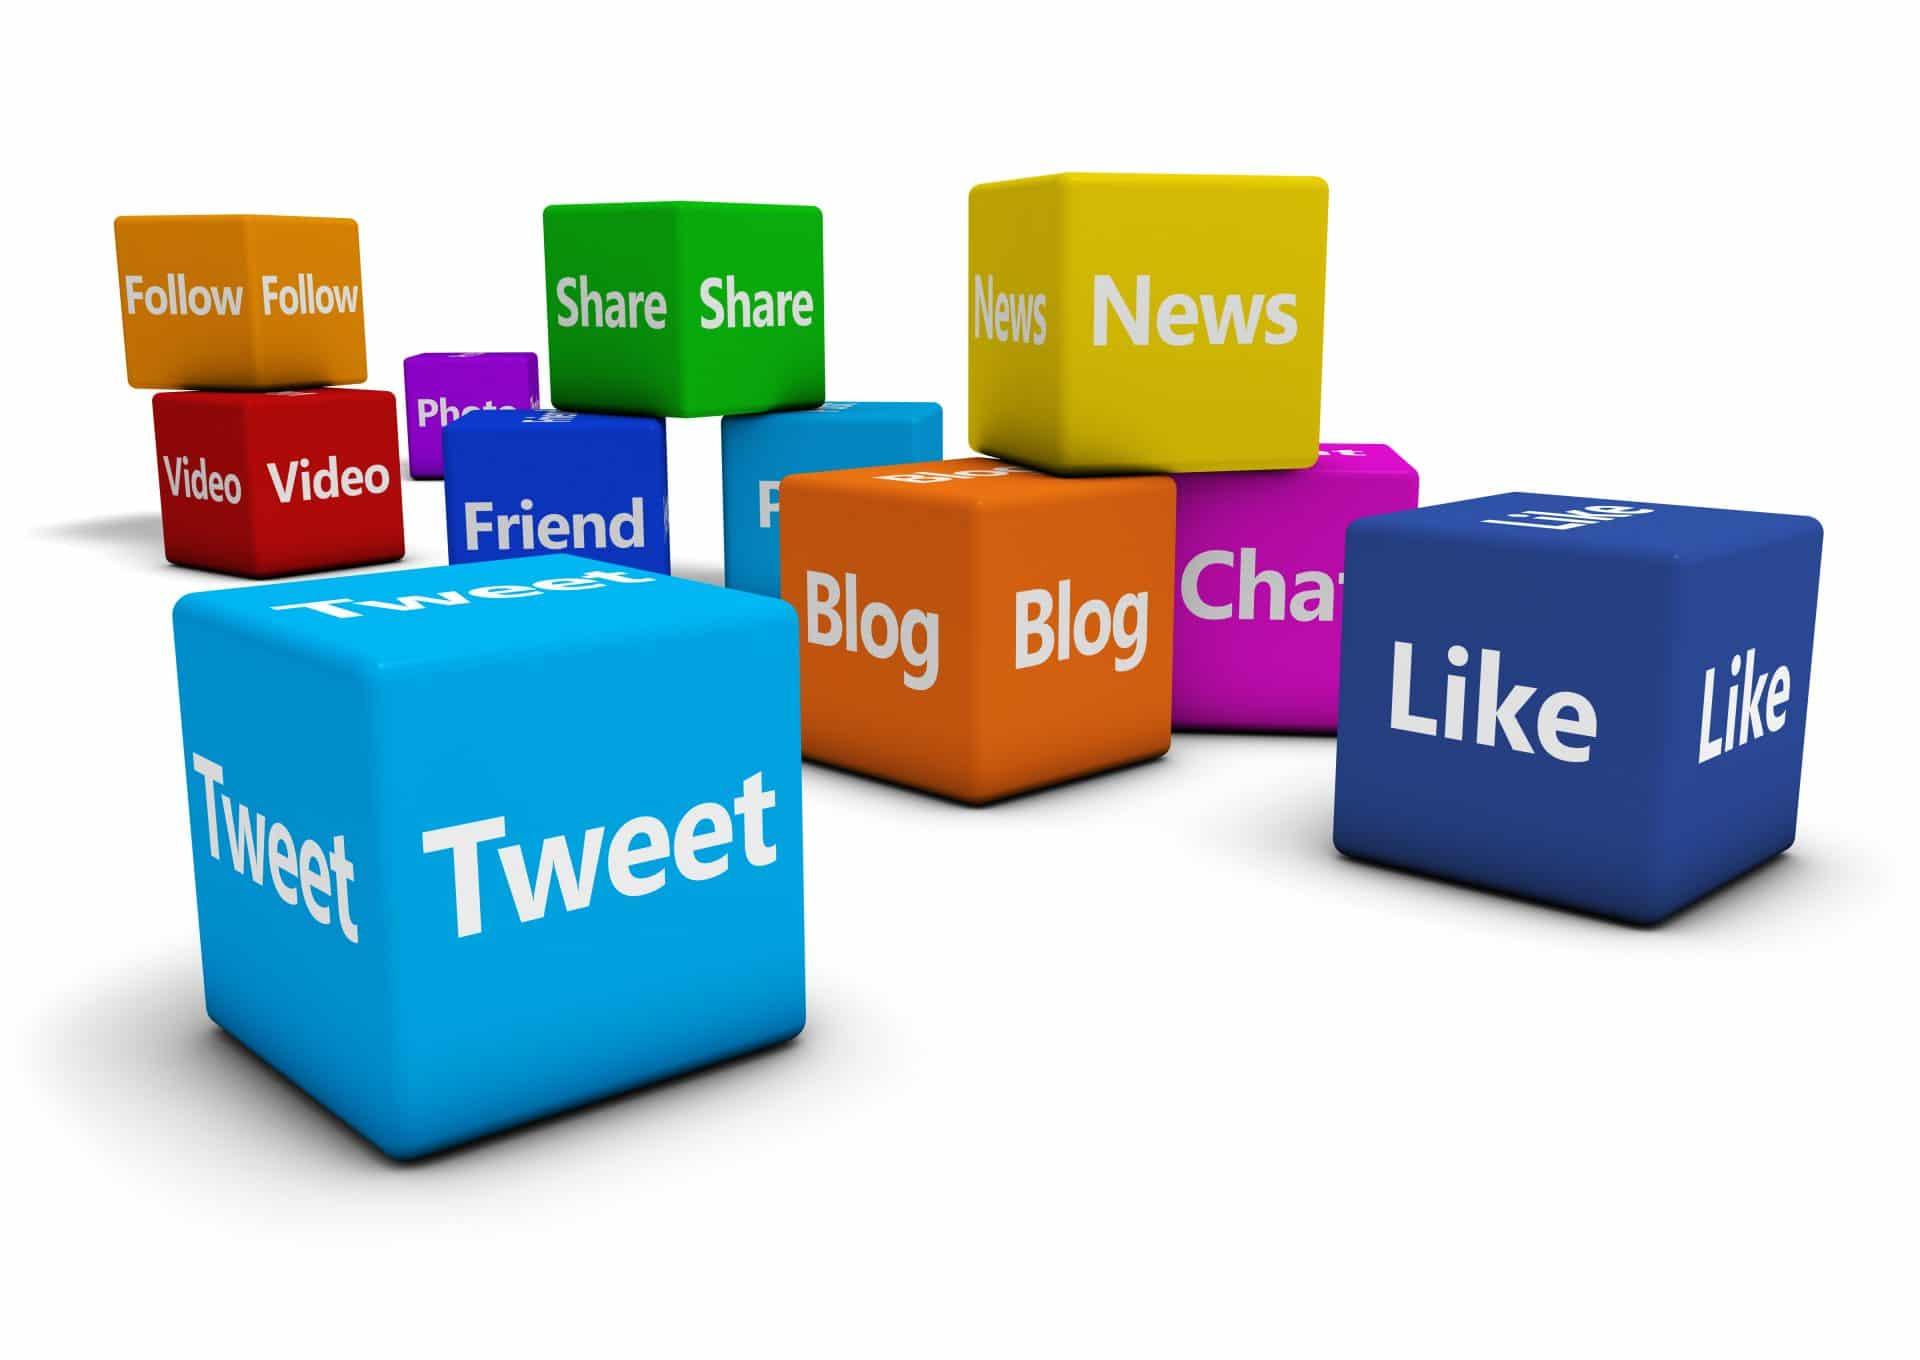 Réseaux sociaux, blogs, Like